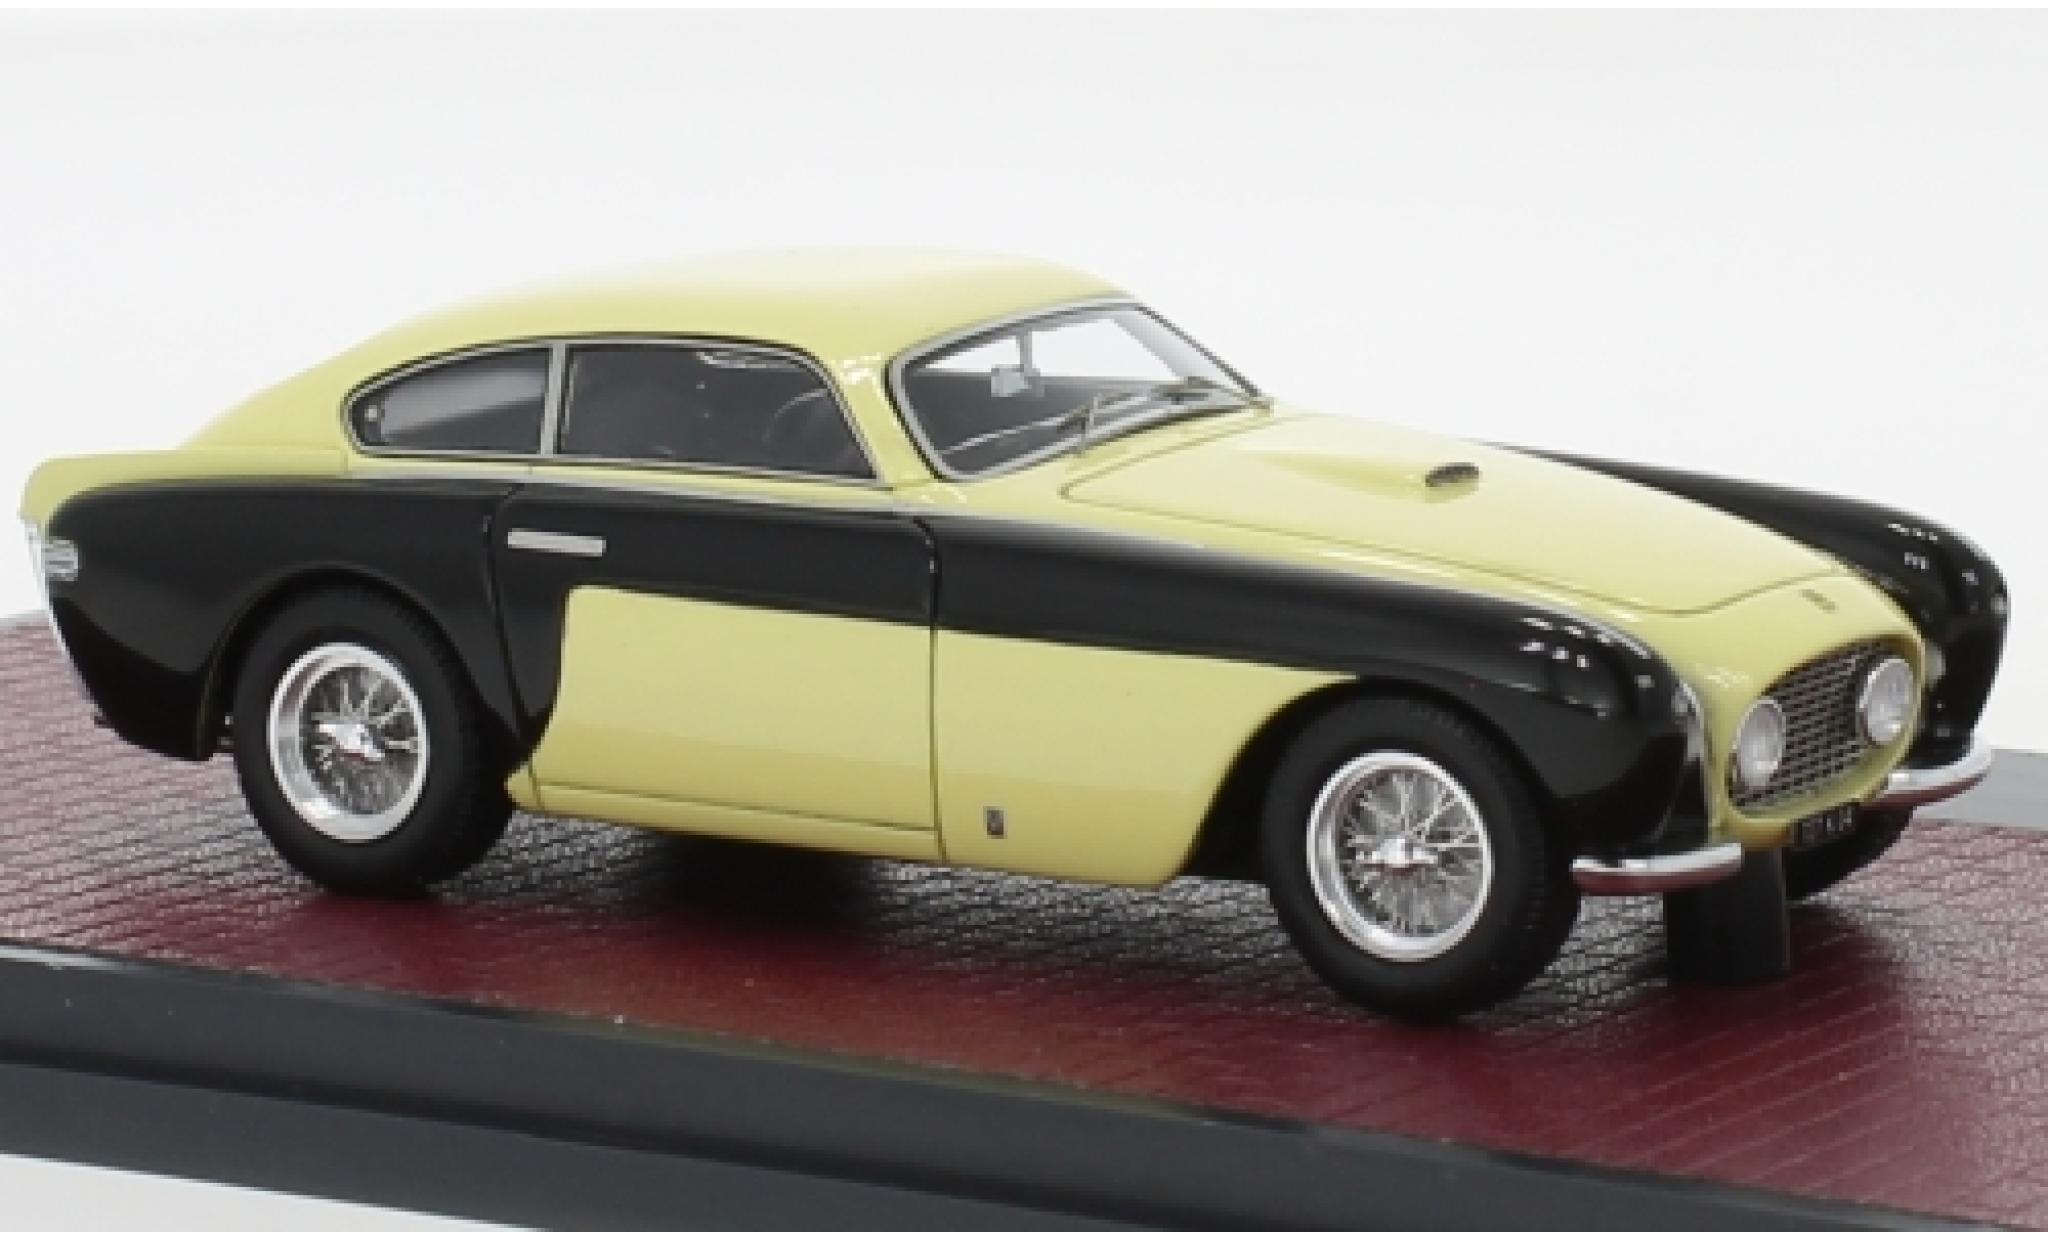 Ferrari 212 1/43 Matrix Inter Vignale Coupe jaune/noire RHD Bumblebee 1952